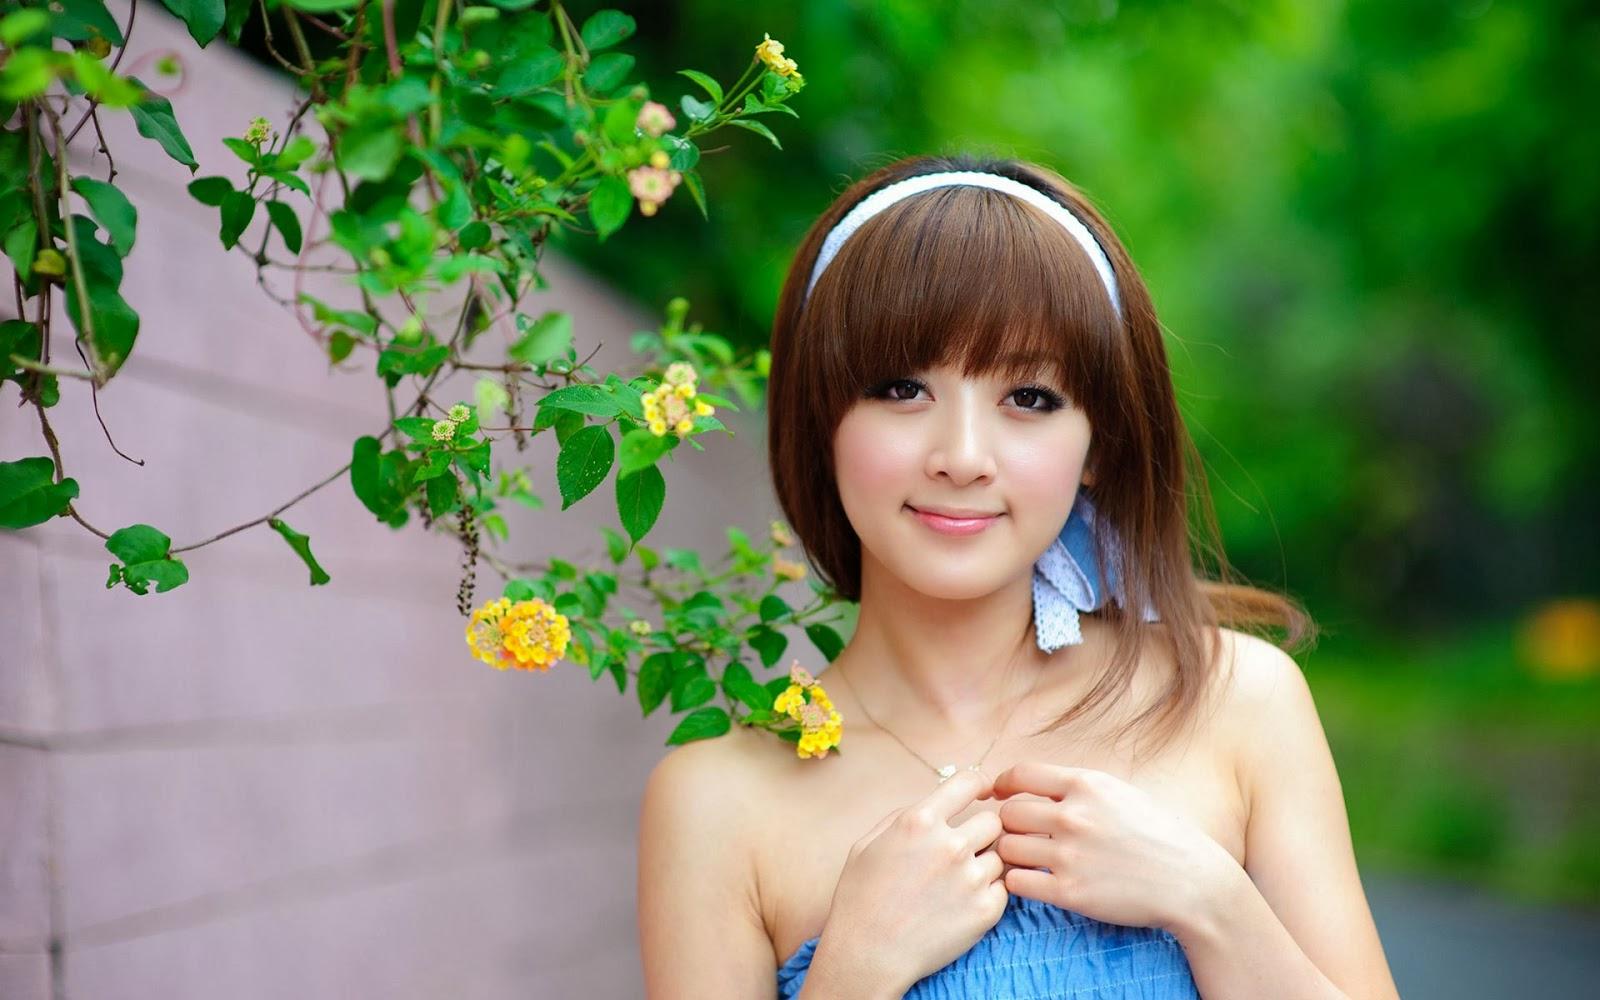 Fondos De Pantalla De Famosos: Fondo De Pantalla Famosas Asiática Vestido Azul